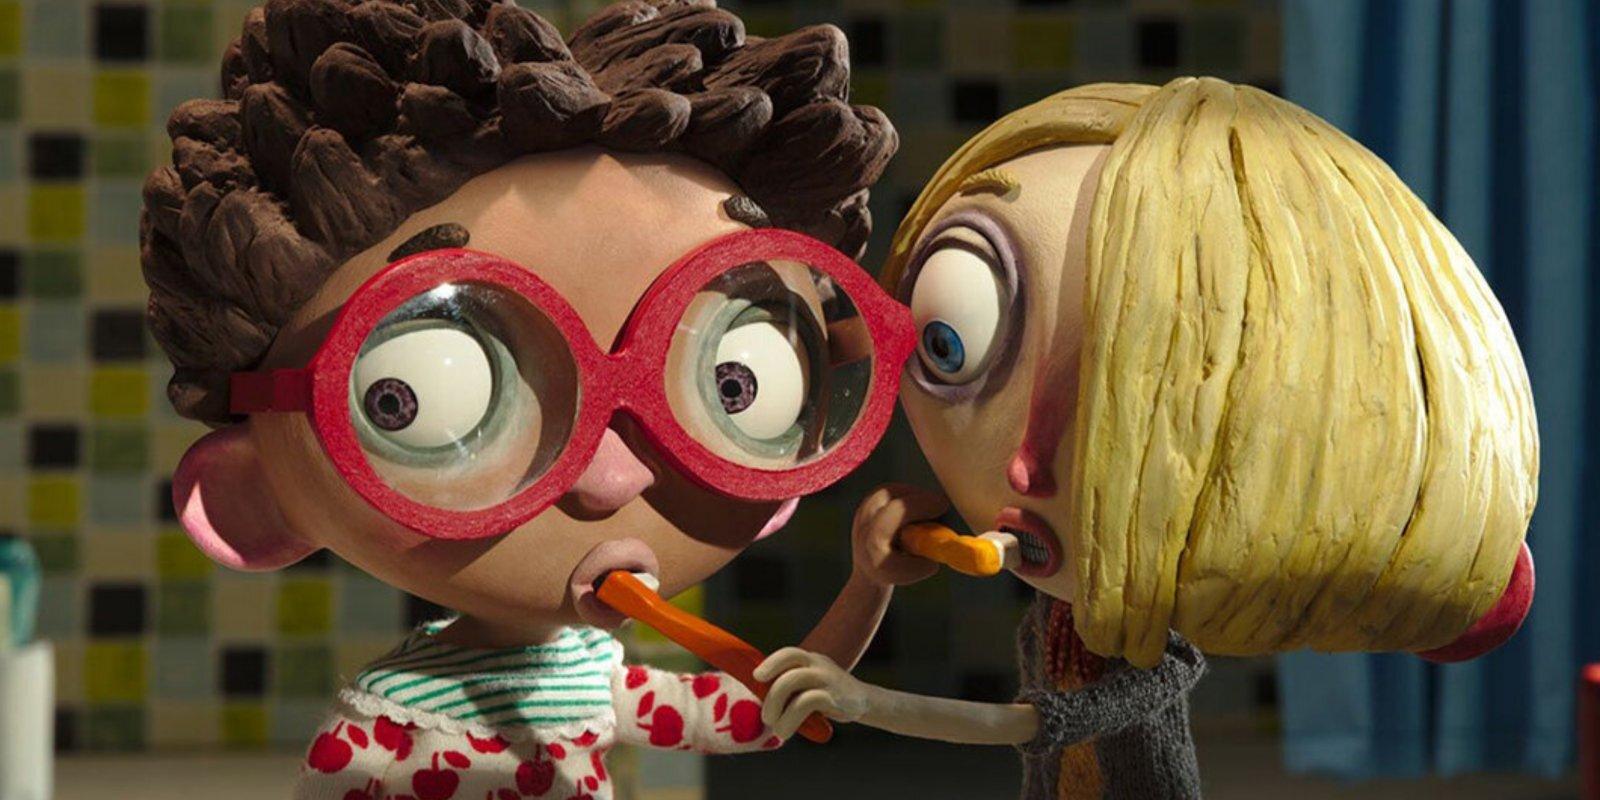 Līdz 18. aprīlim tiešsaistē skatāma animācijas filma 'Mana dzīve kā Cukīni'